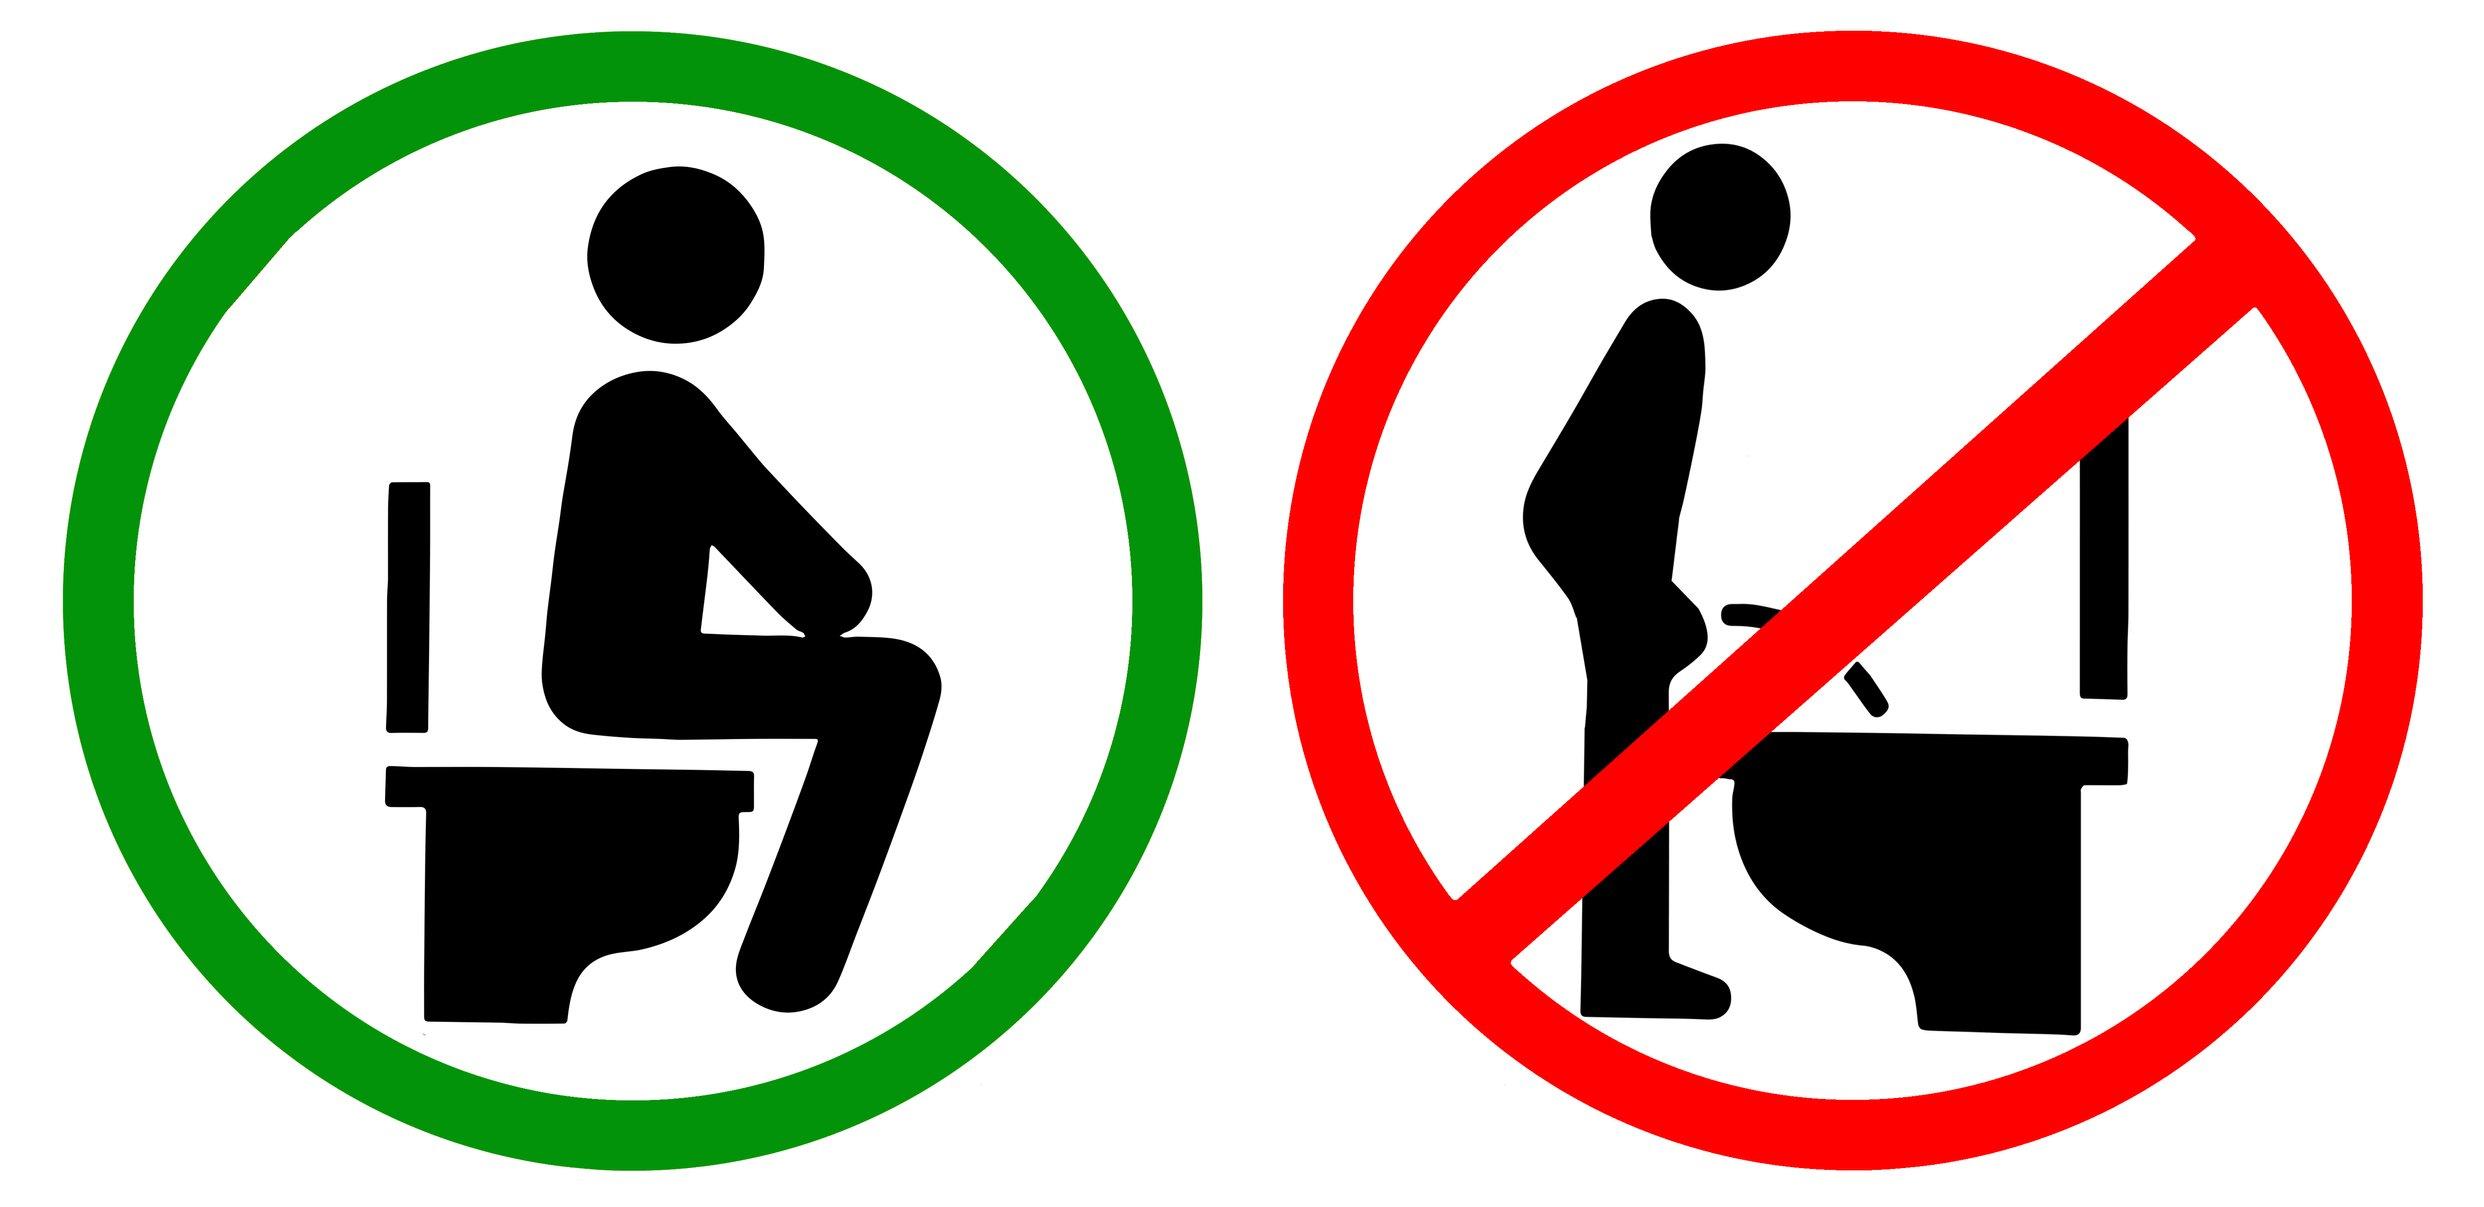 Señalización que prohíbe orinar de pie